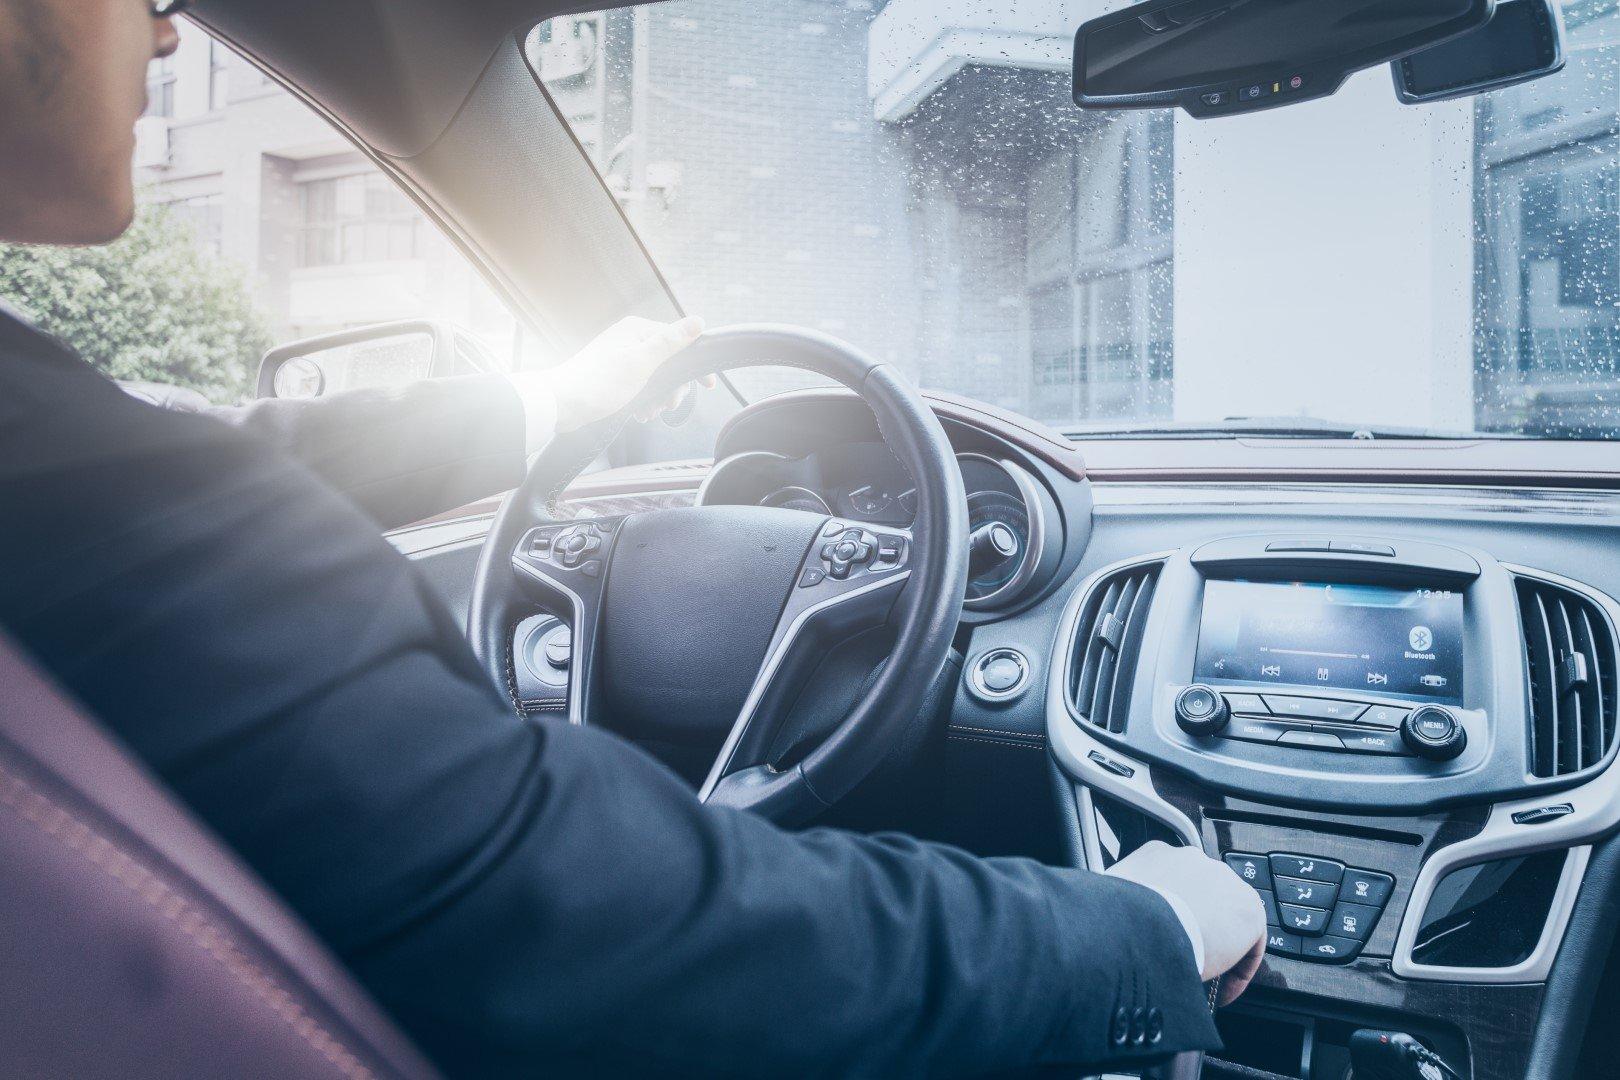 1345 Groß - Fahrer und Fahrzeugsicherheit